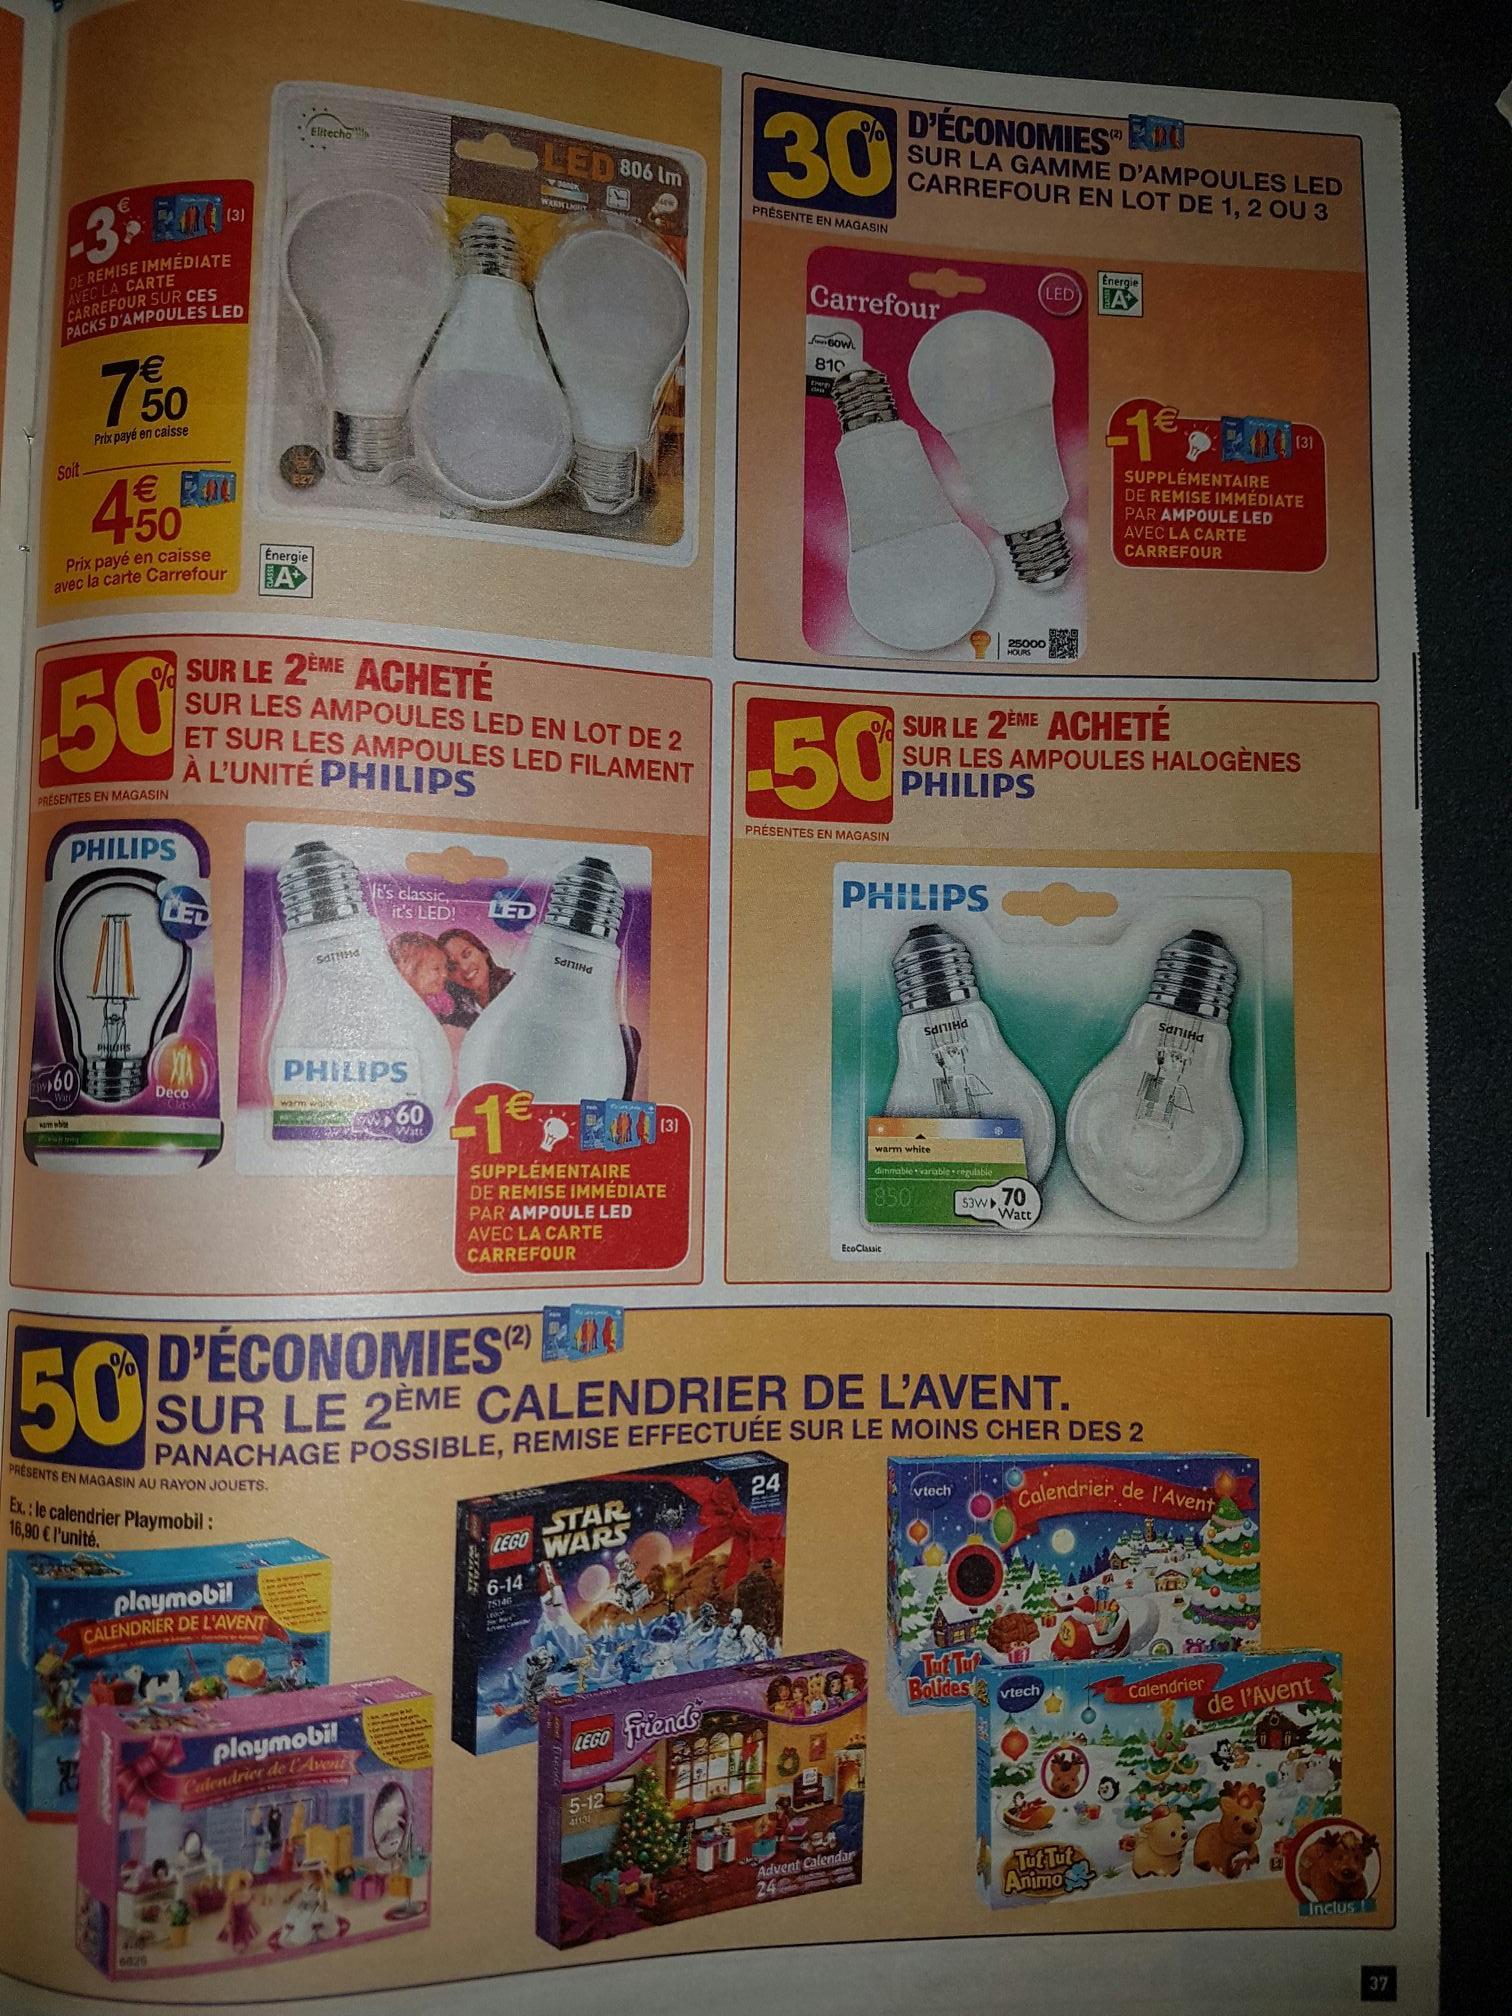 Sélection d'Ampoules Led en promotion - Ex : Pack 3 Ampoules Led 806lm (via 3€ de réduction immédiate avec la carte de fidélité)